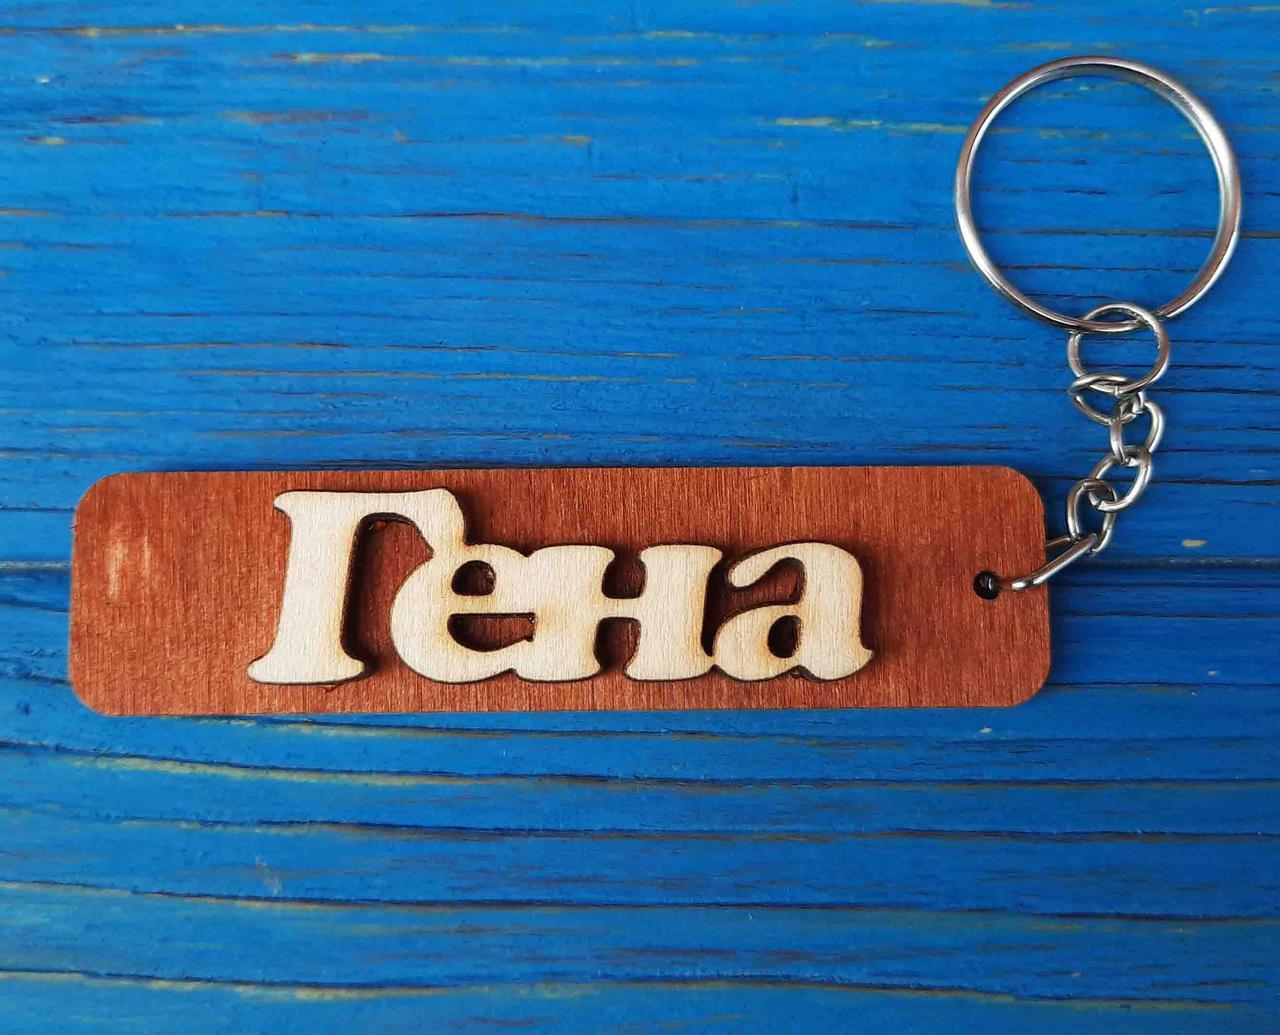 Брелок іменний Гена. Брелок з ім'ям Гена. Брелок дерев'яний. Брелок для ключів. Брелоки з іменами